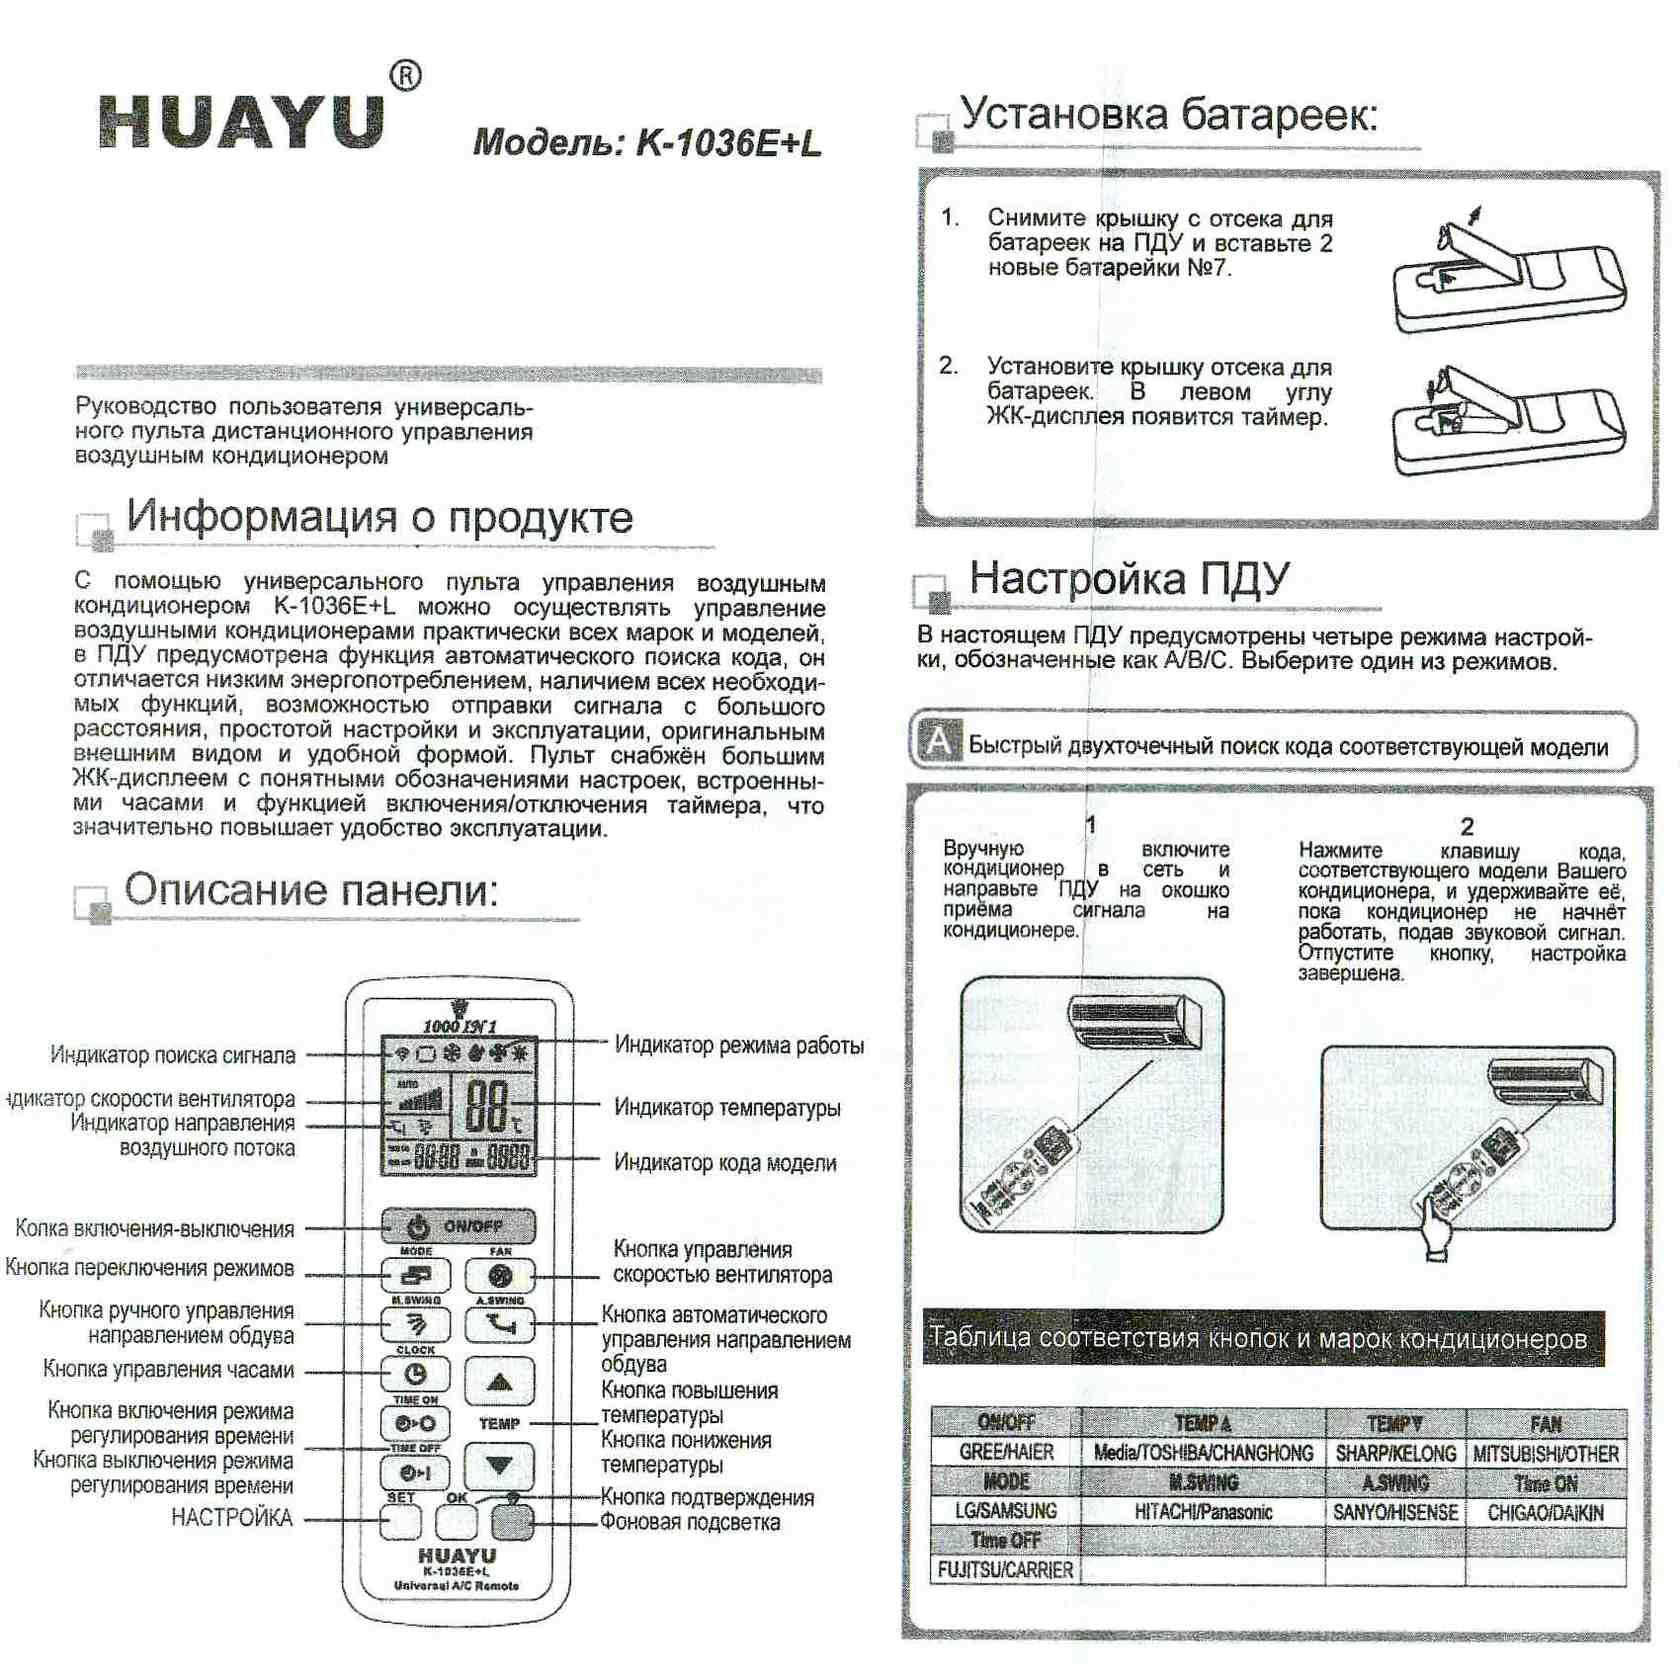 инструкция пульт управления кондиционера mitsubishi